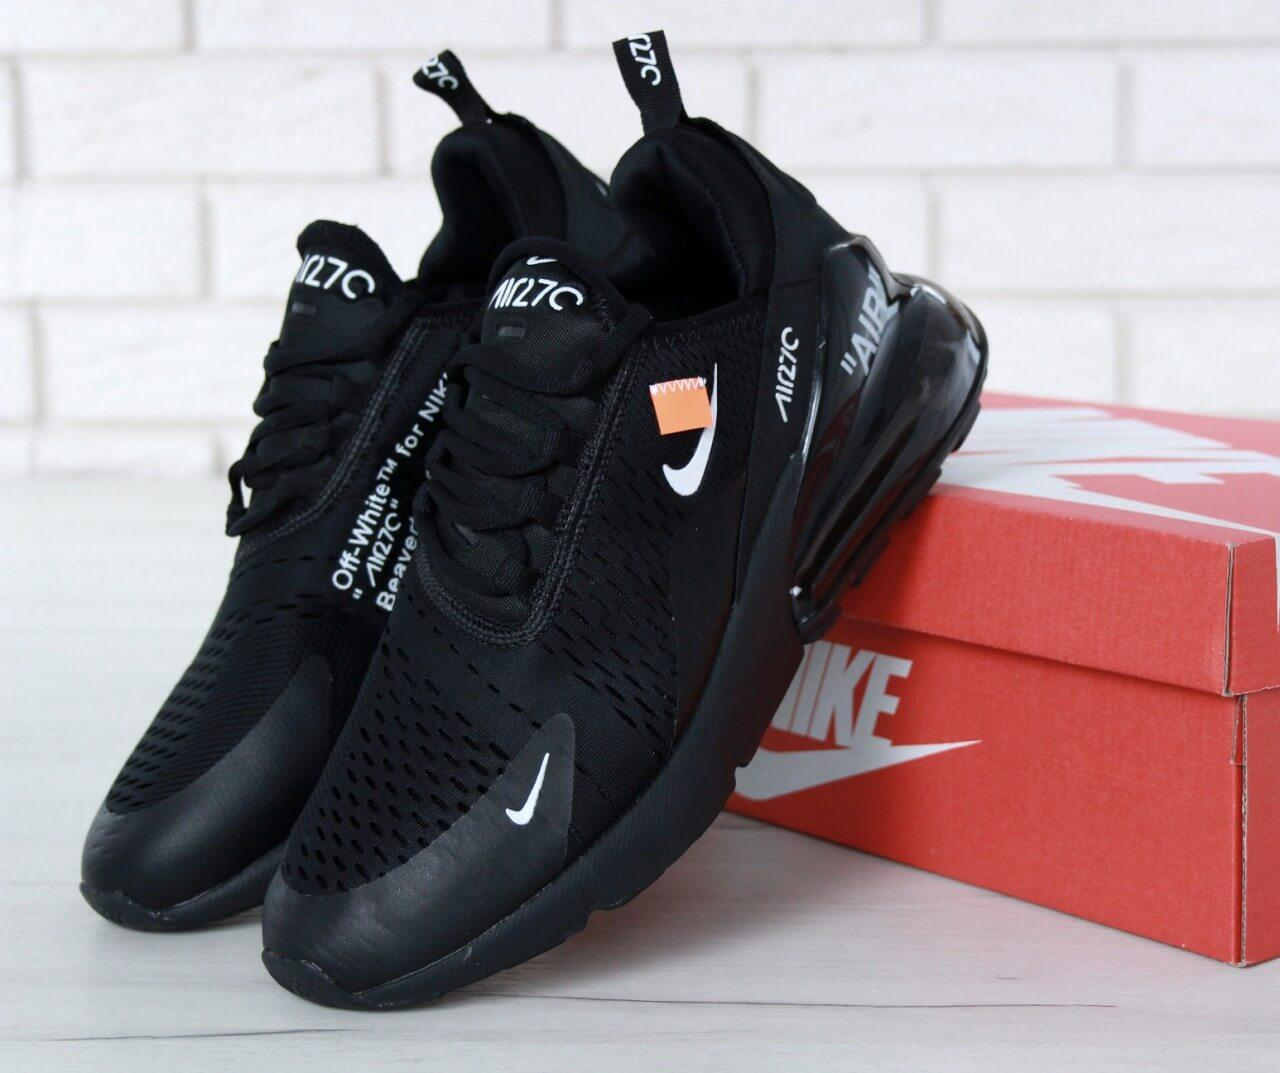 54ef44826 Кроссовки Nike Air Max 270 Off Black - Интернет магазин обуви «im-РоLLi»